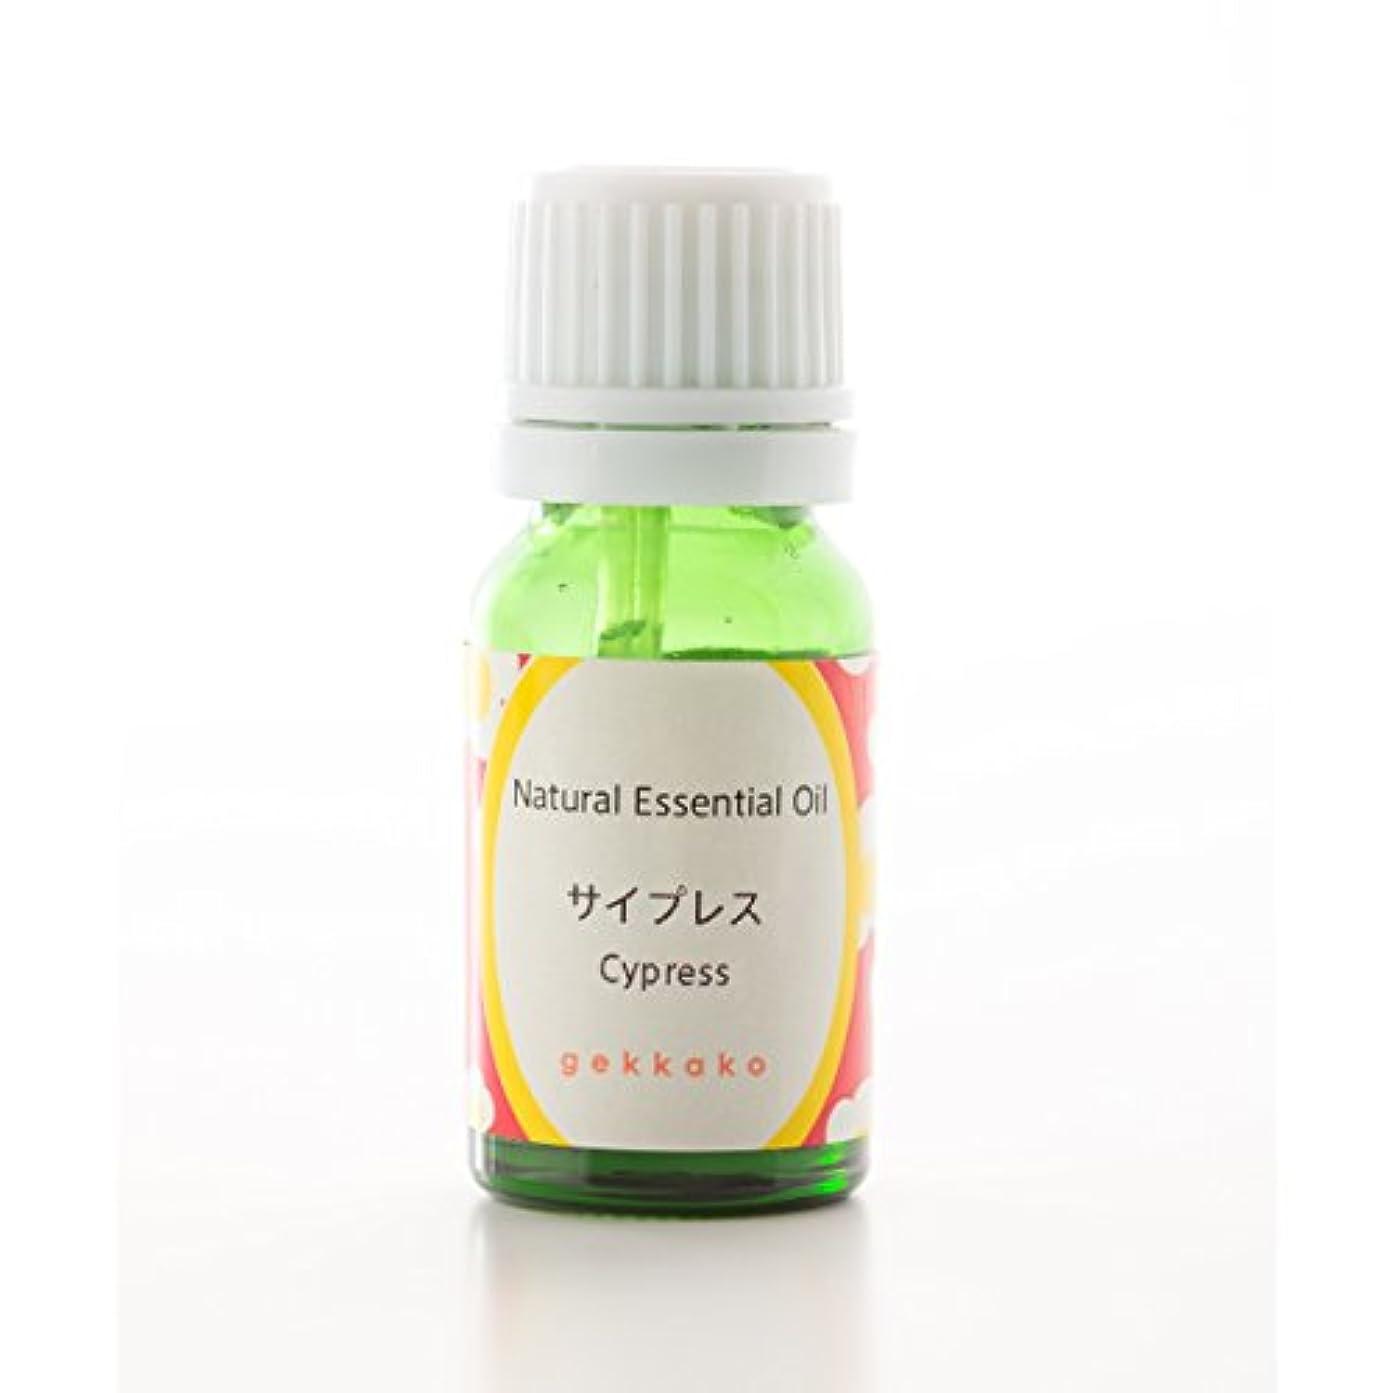 <月下香>エッセンシャルオイル/アロマ/サイプレス【5ml】 (5ml)